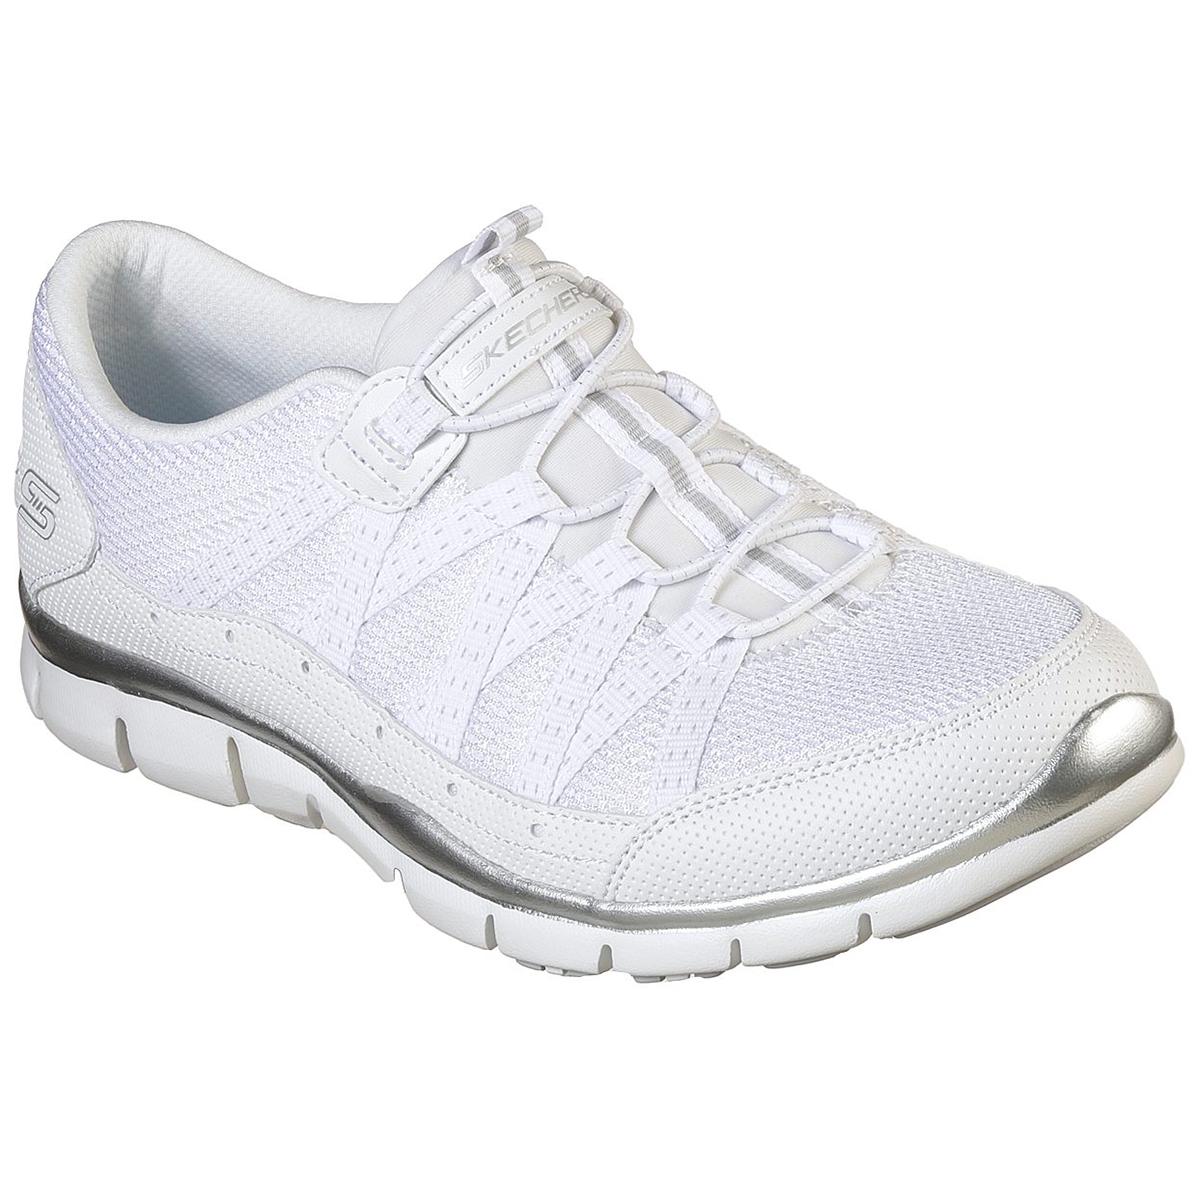 Skechers Women's Gratis-Strolling Shoe, Wide - White, 7